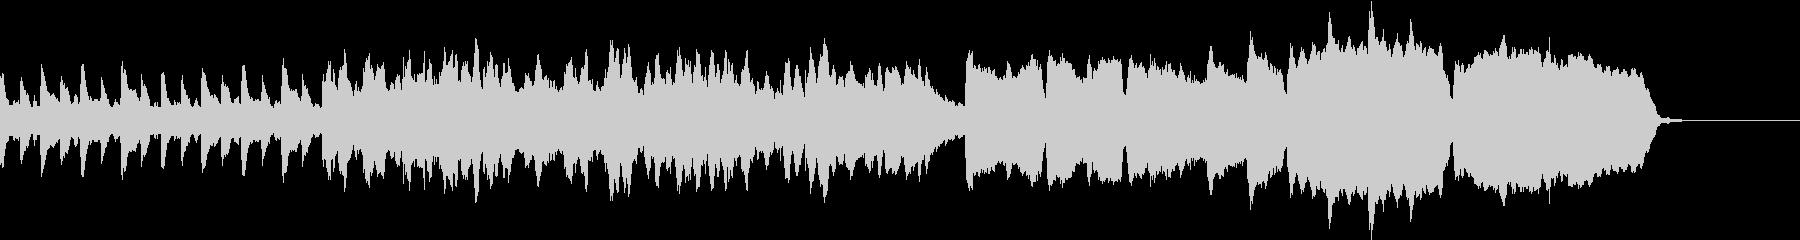 ホルンとトランペットのファンファーレの未再生の波形